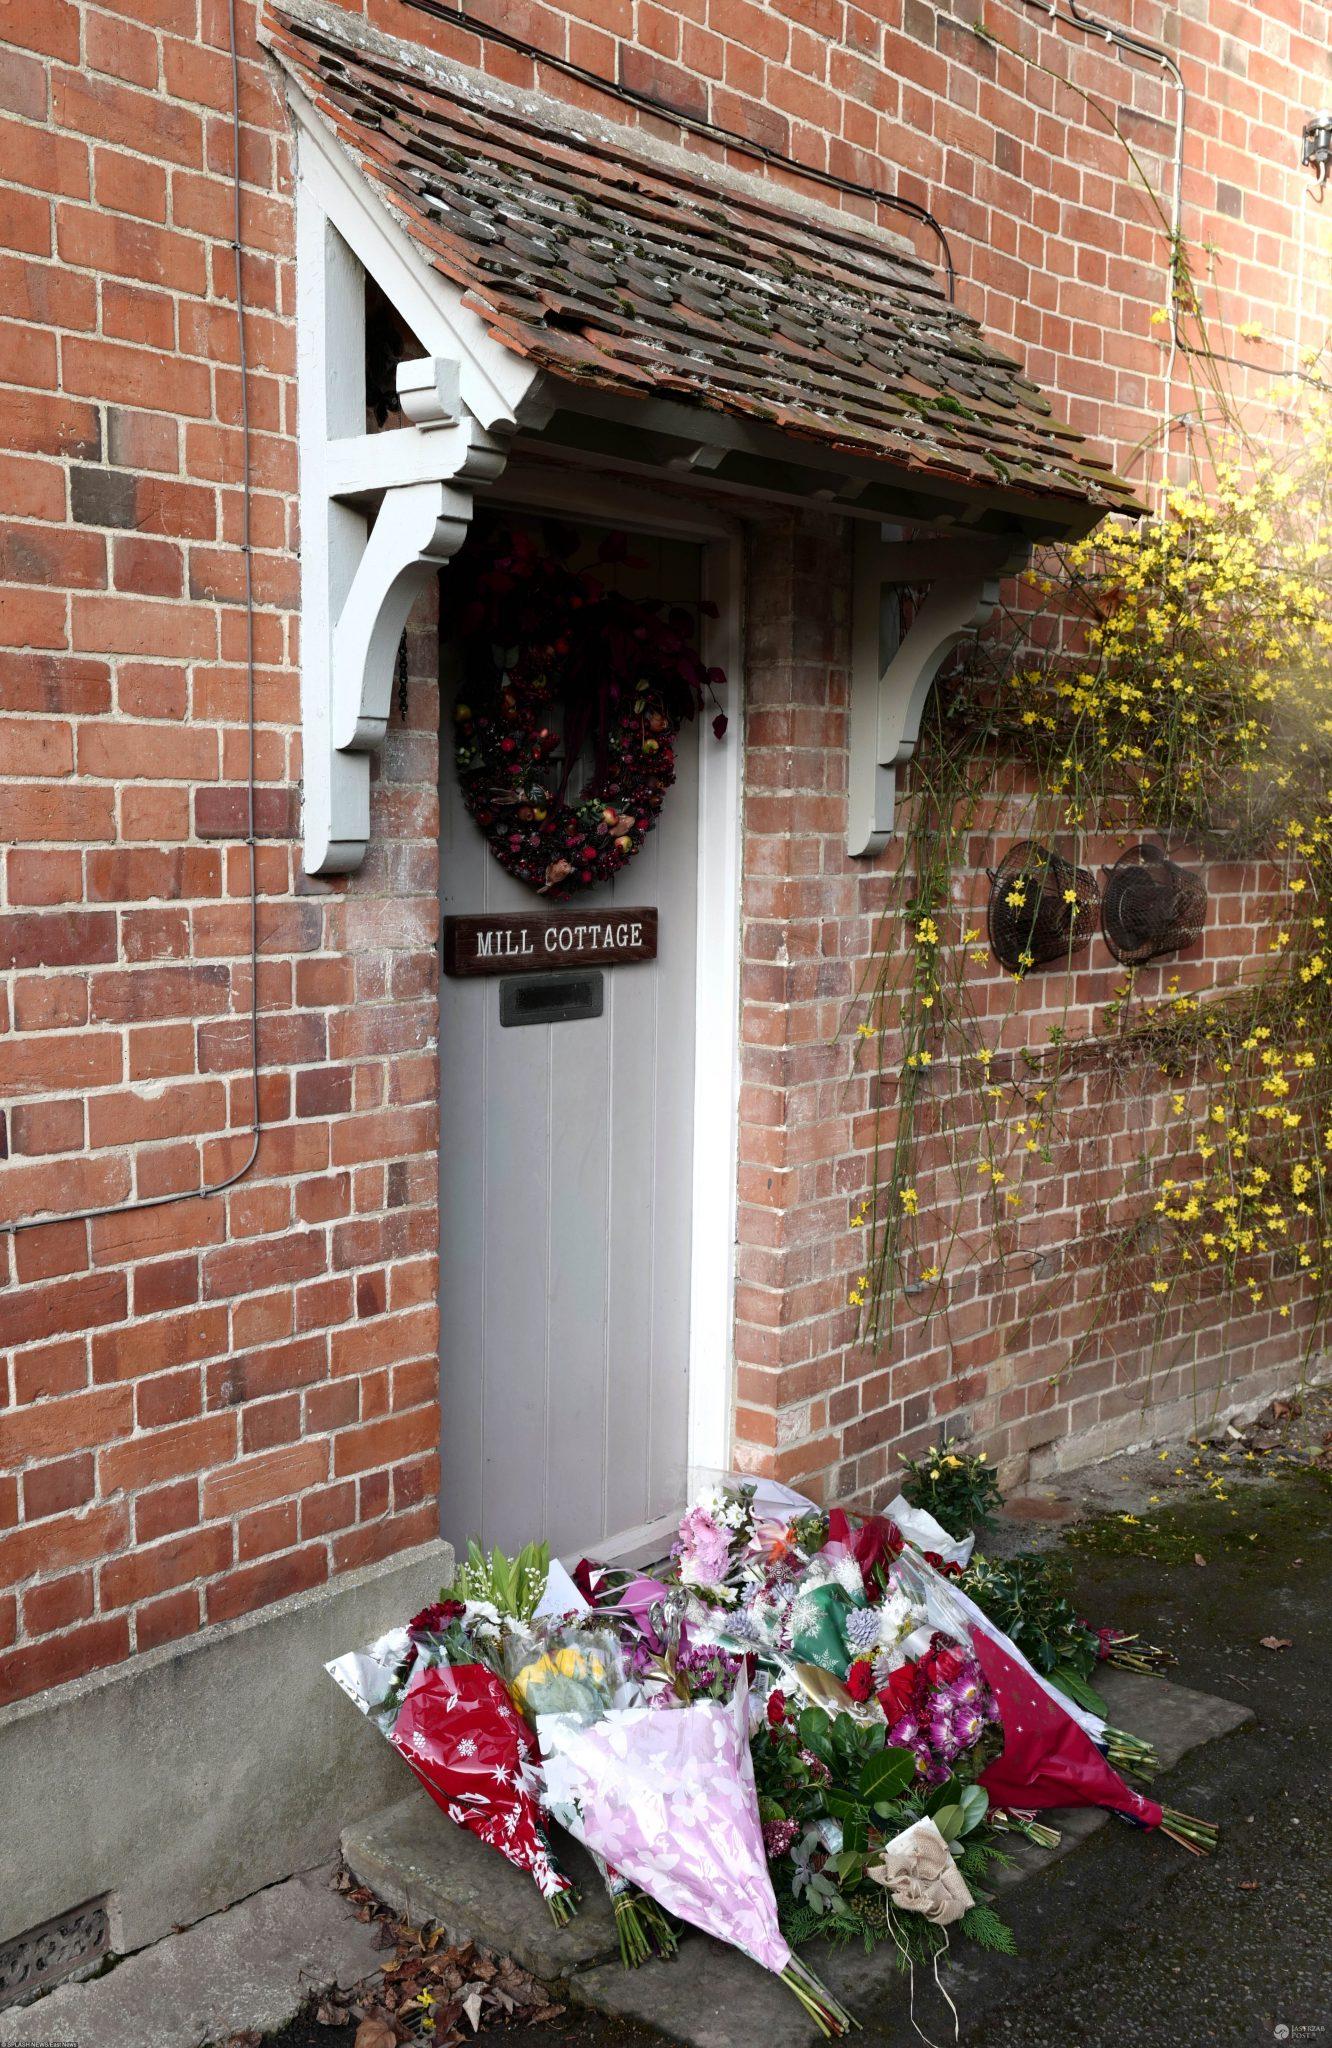 Fani żegnają George'a Michaela pod jego willą w Oxfordshire